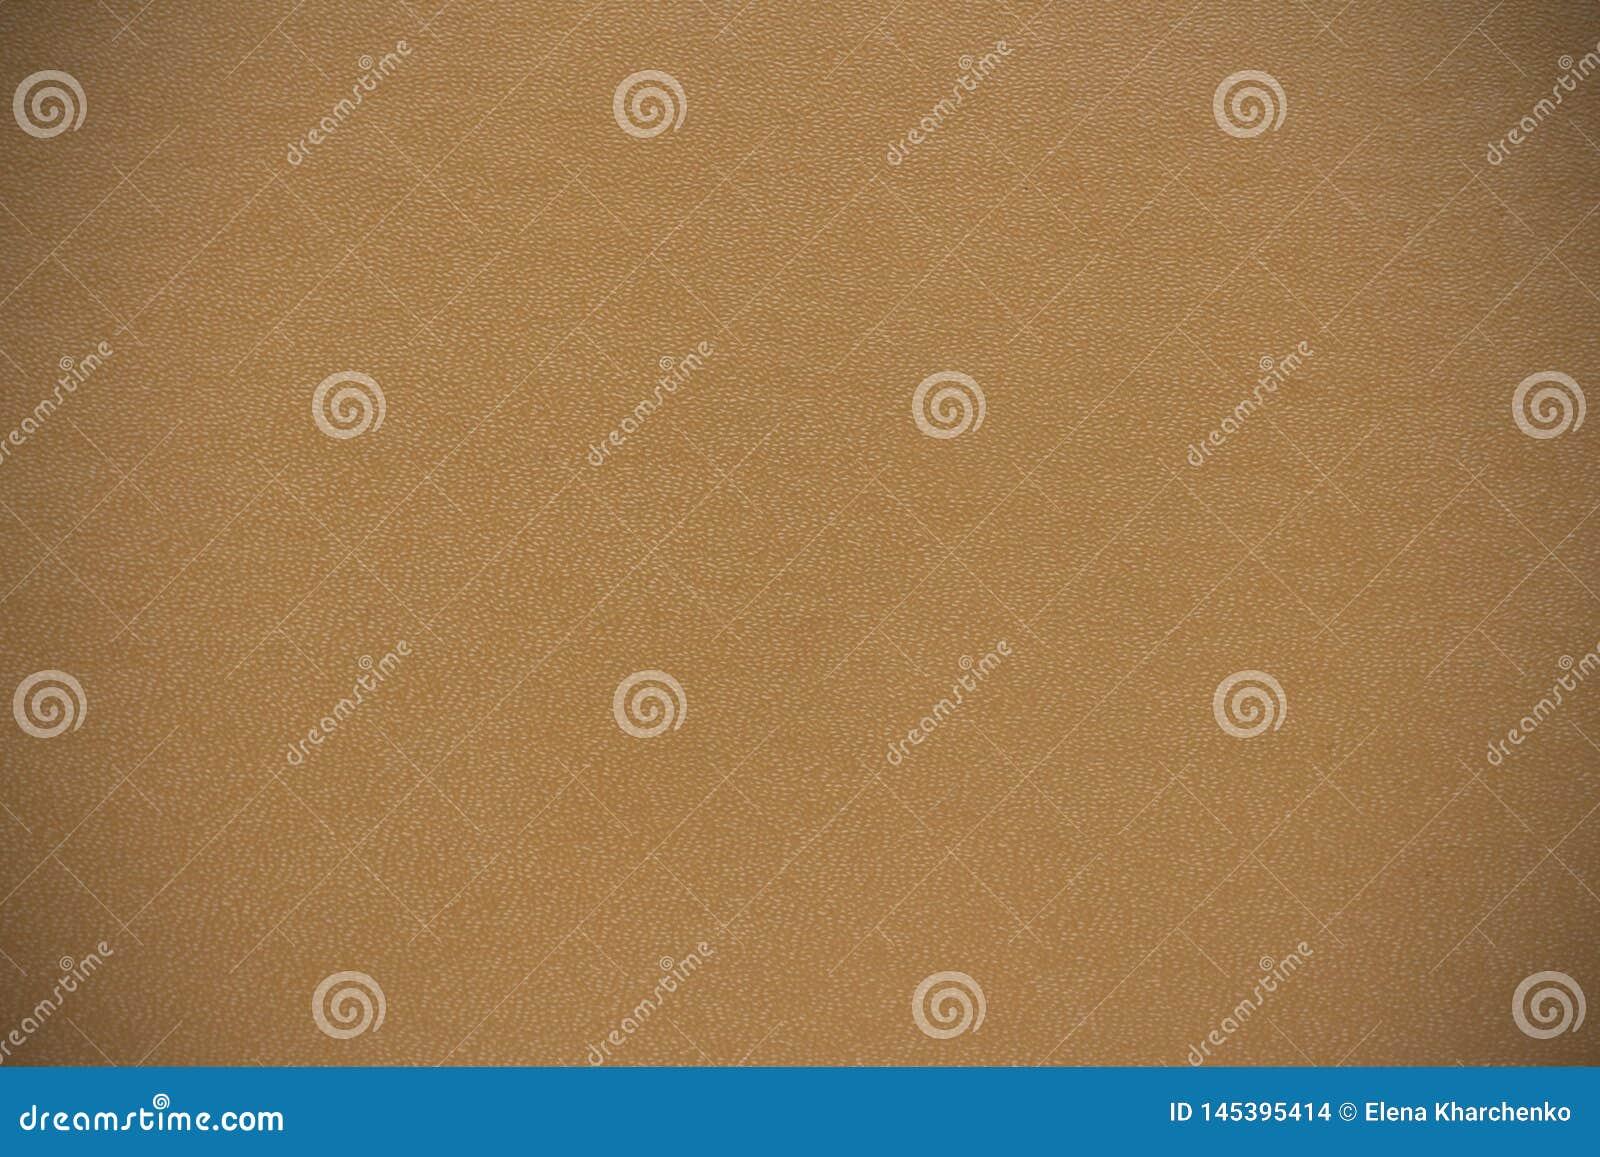 La texture de fond est faite à partir de la vignette beige de couverture de livre